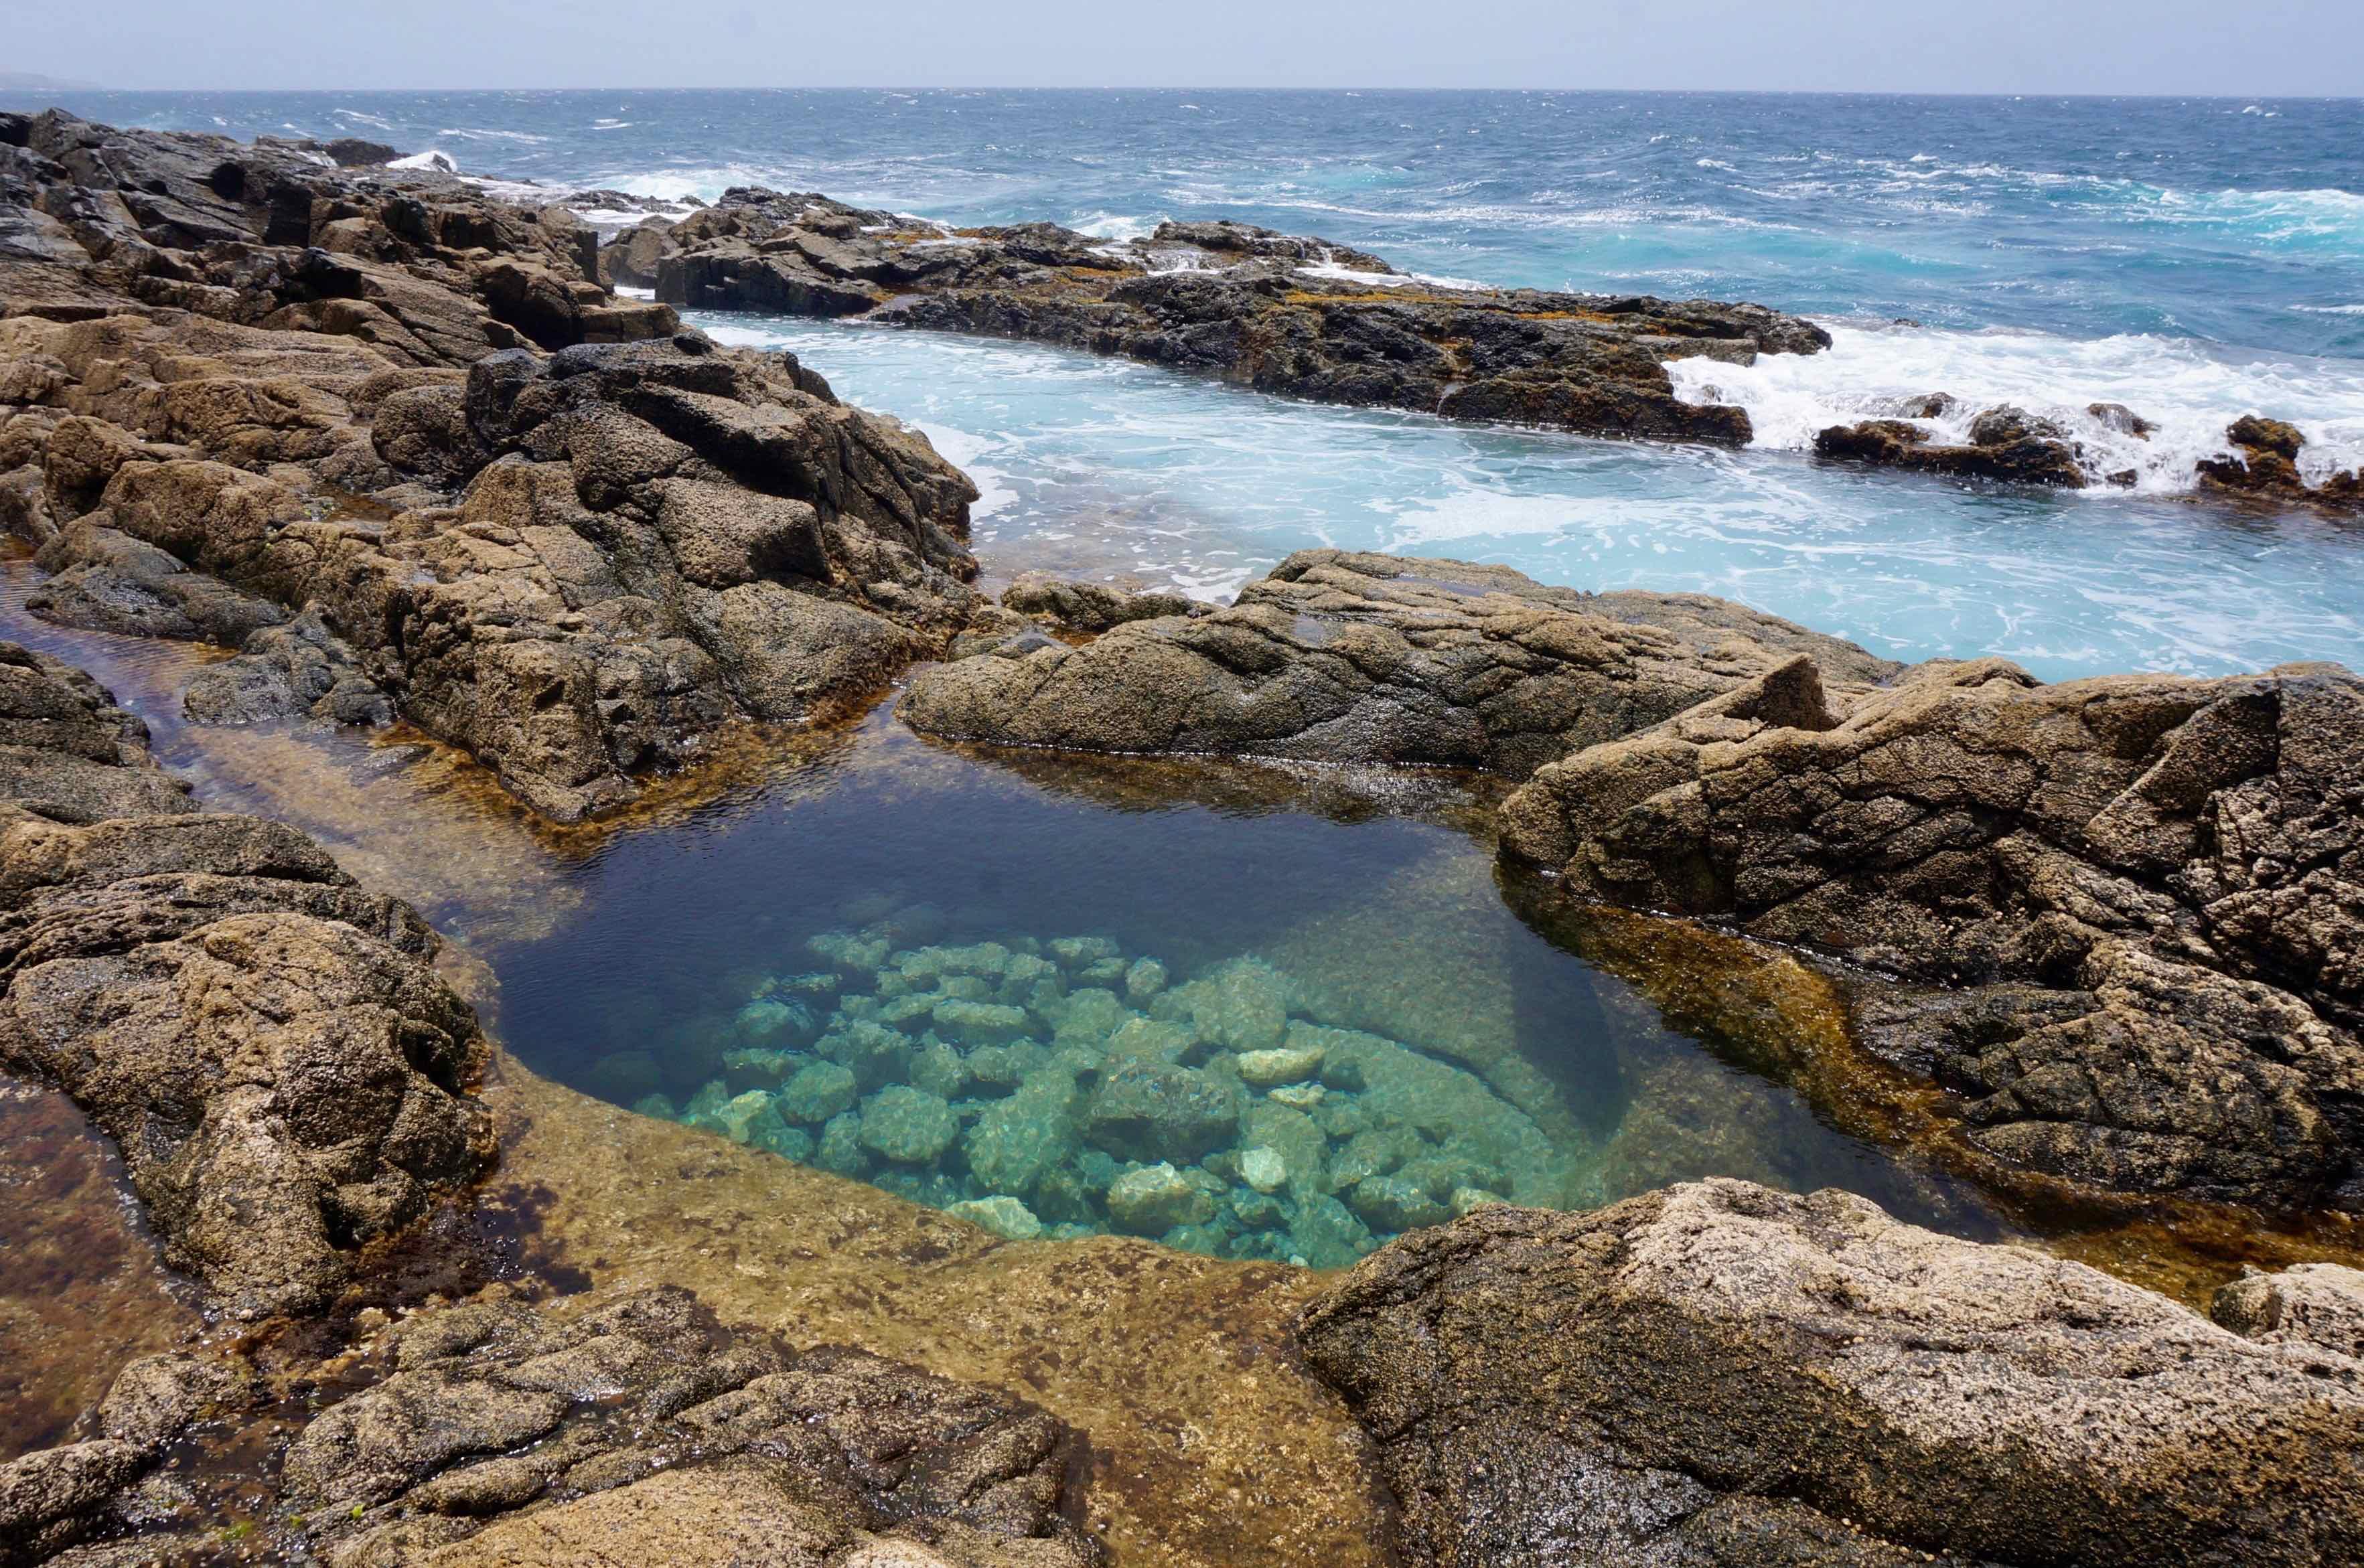 Fuerteventura, canaries, aguas verdes